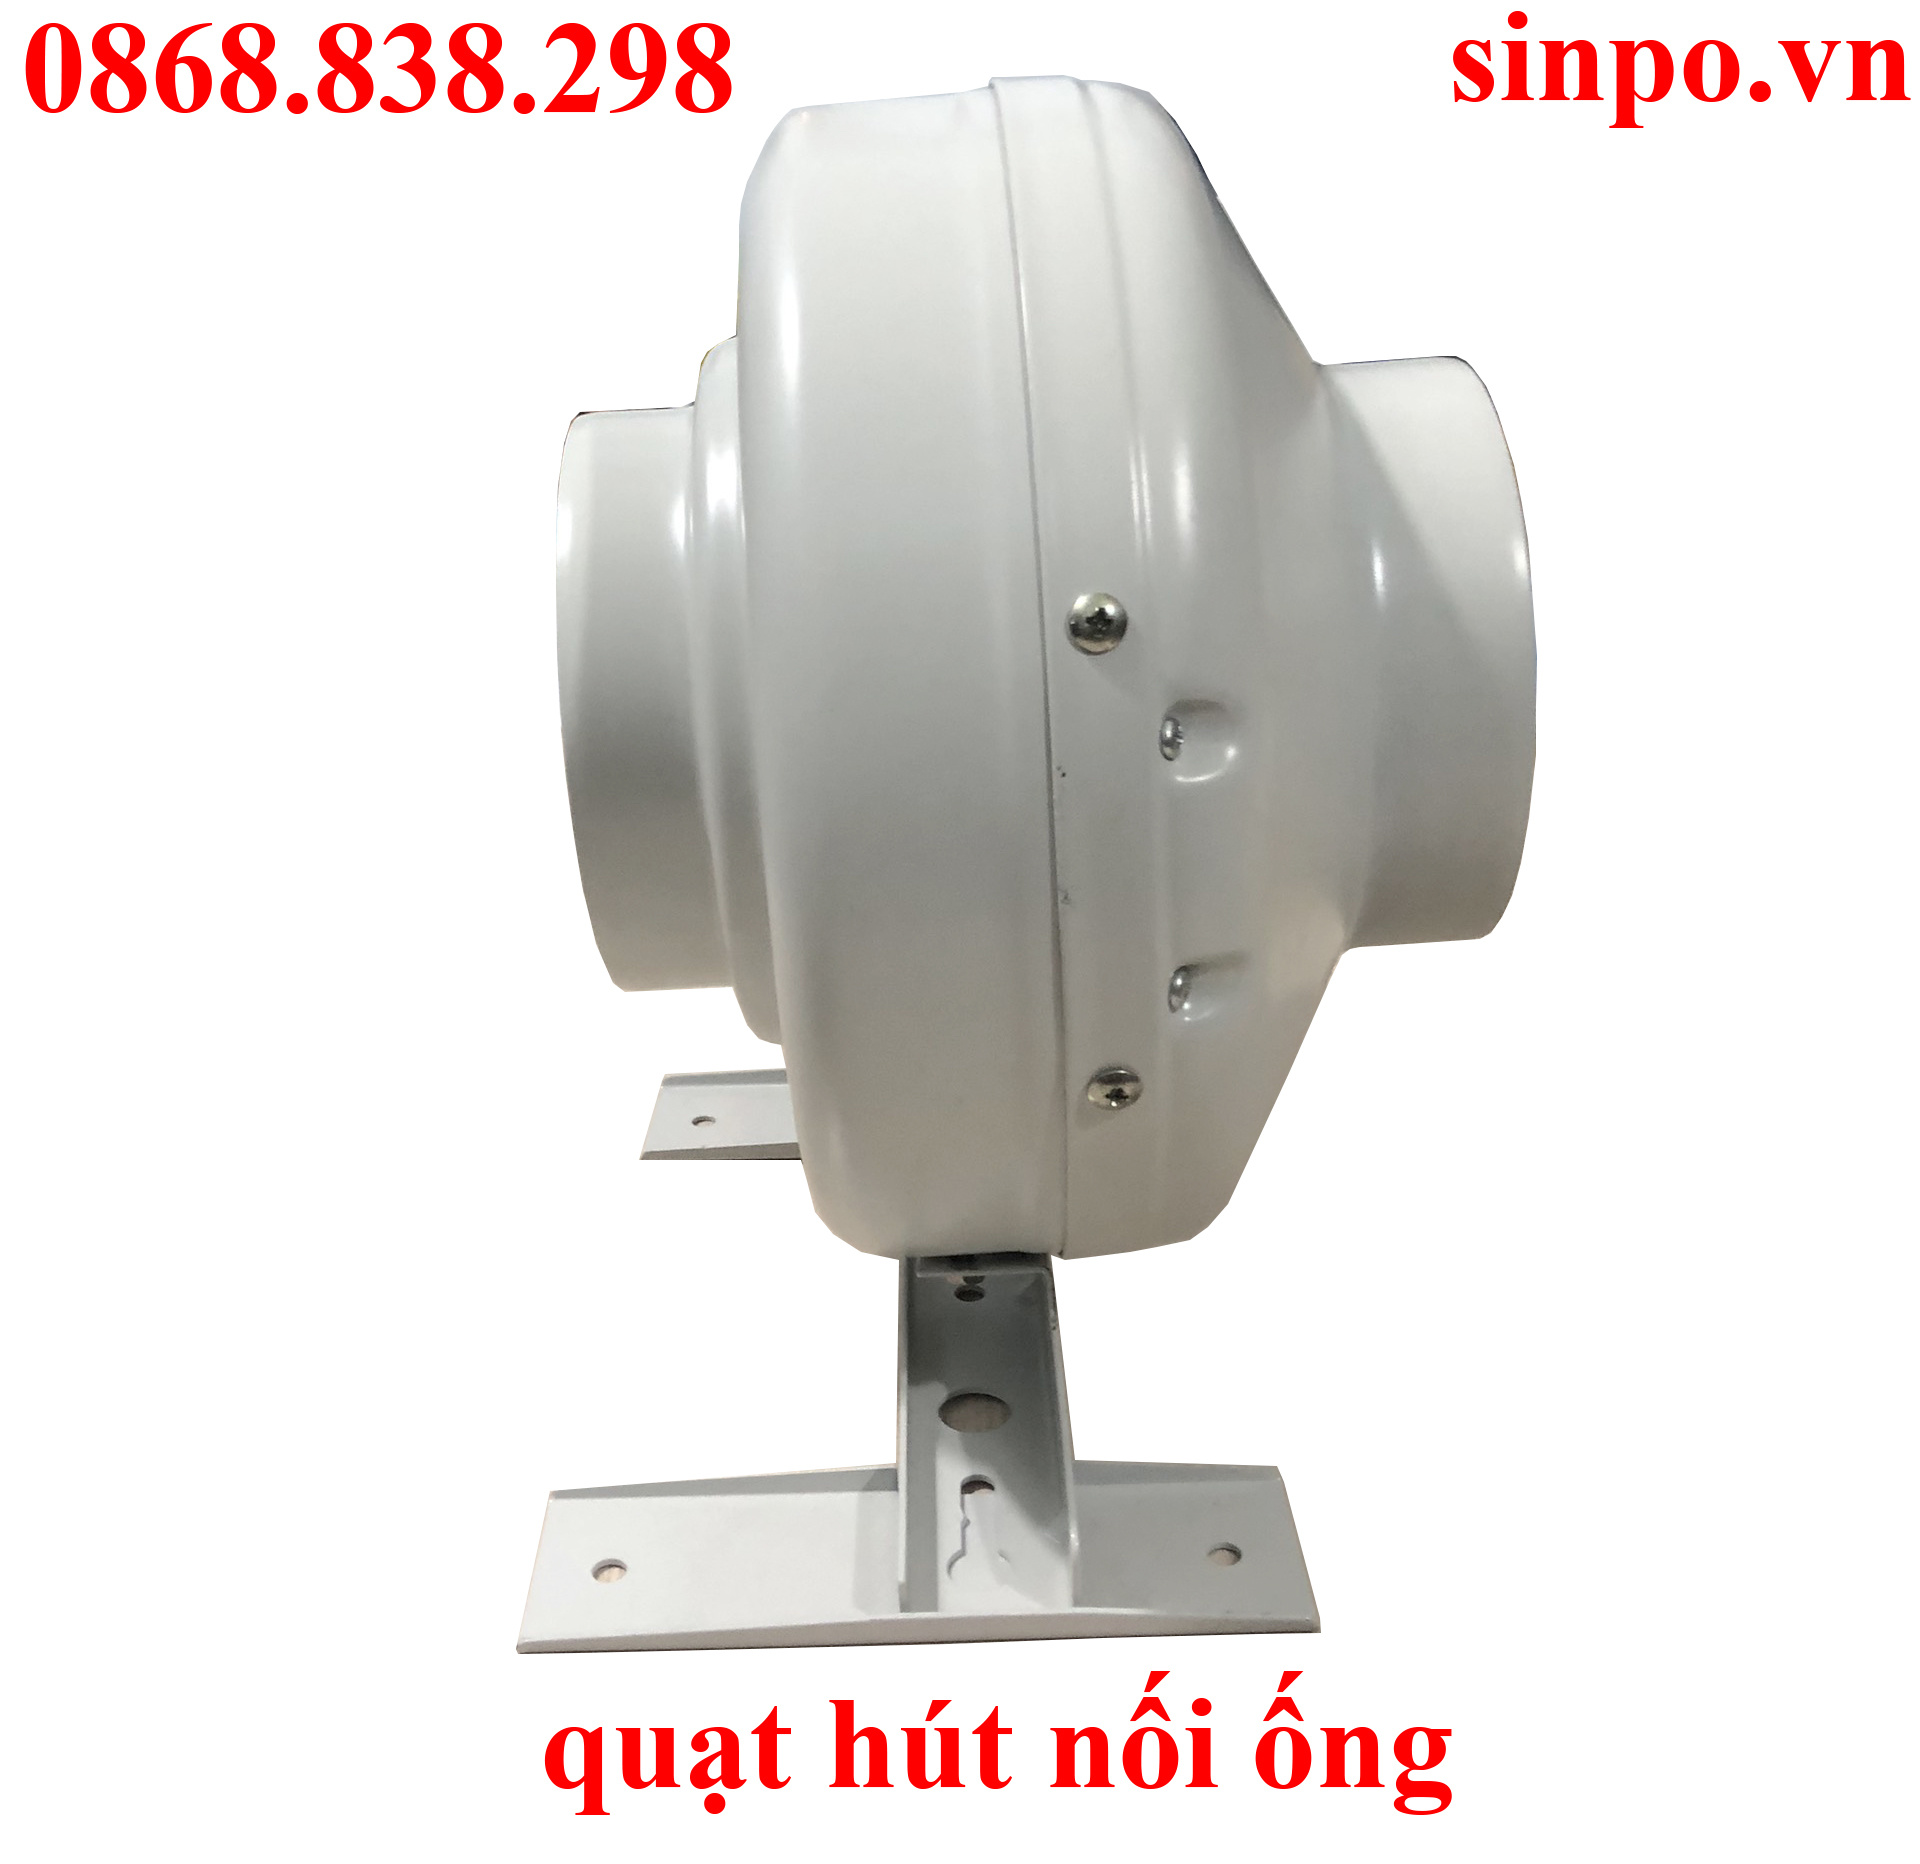 Địa chỉ bán quạt hút nối ống gio tại Hà Nội - Tp.HCM